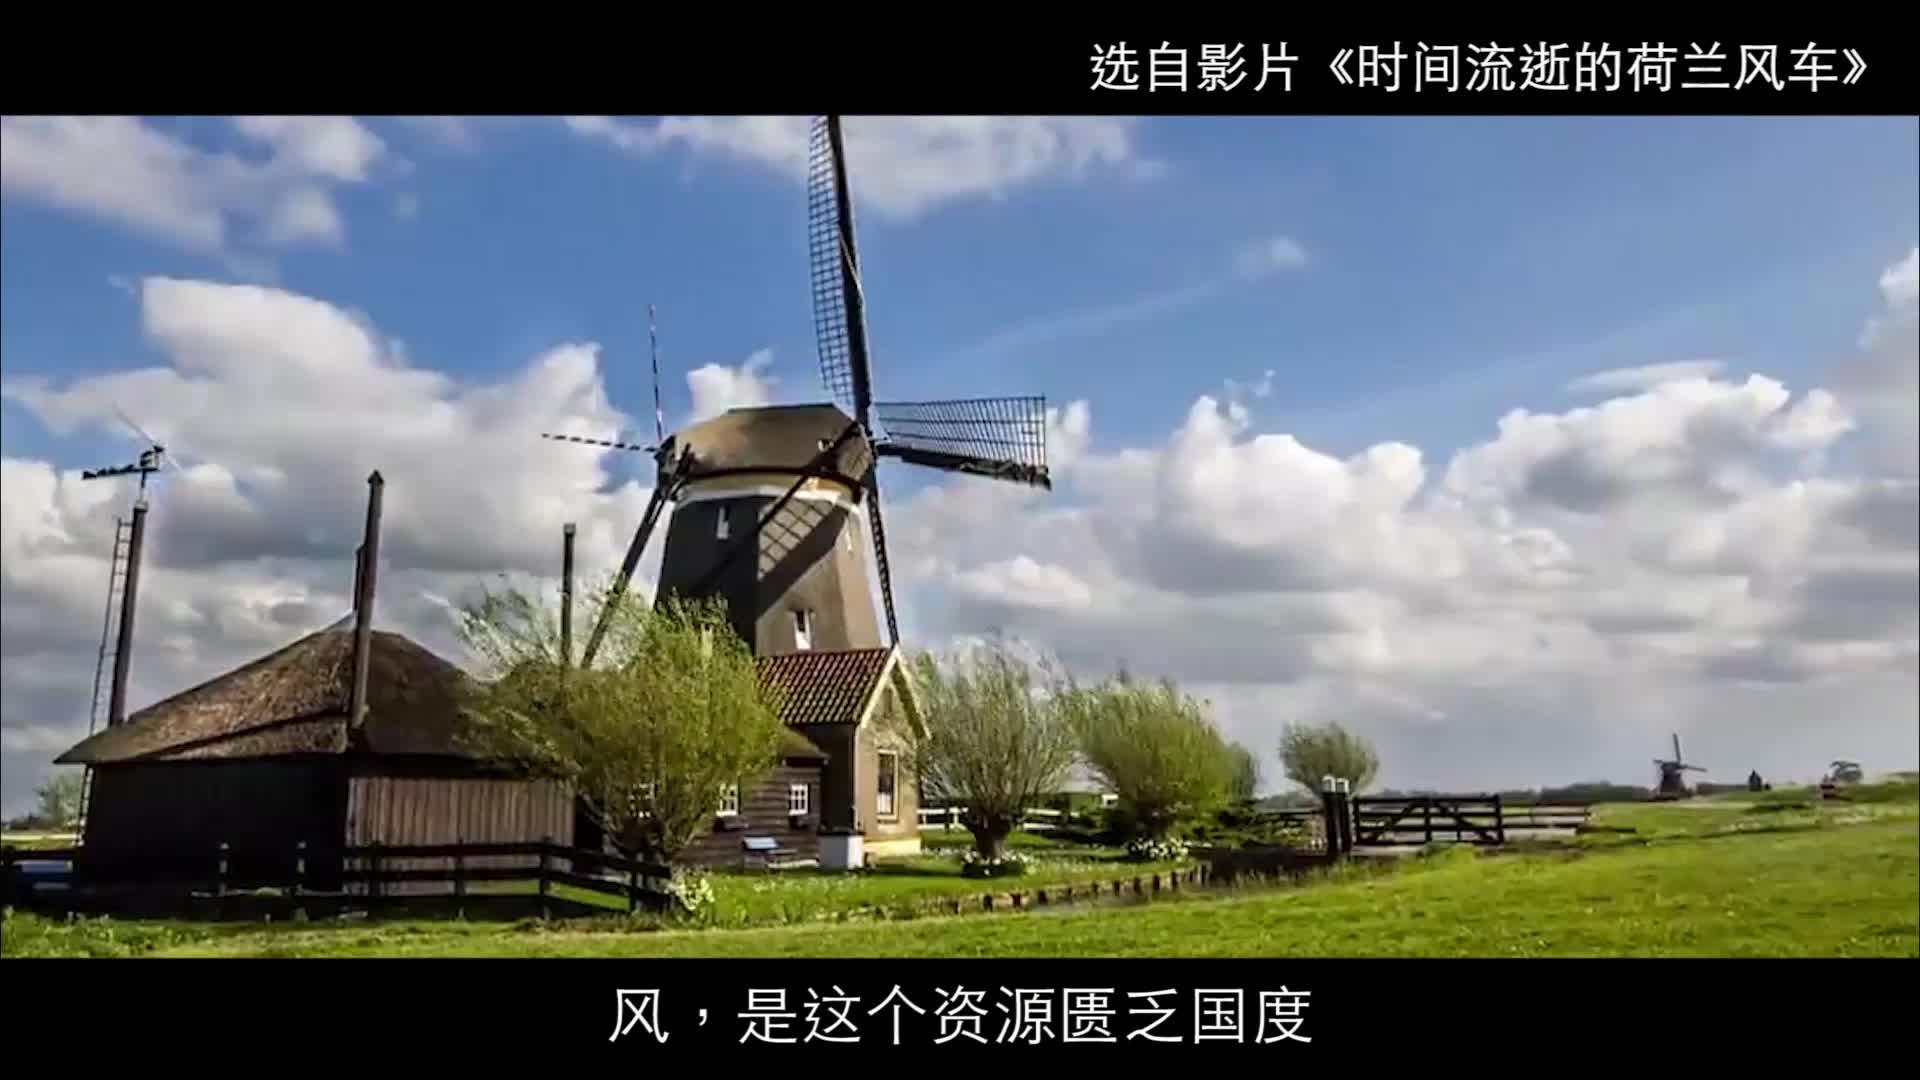 《物理大师》27密度与人类生活-郁金香国的风车